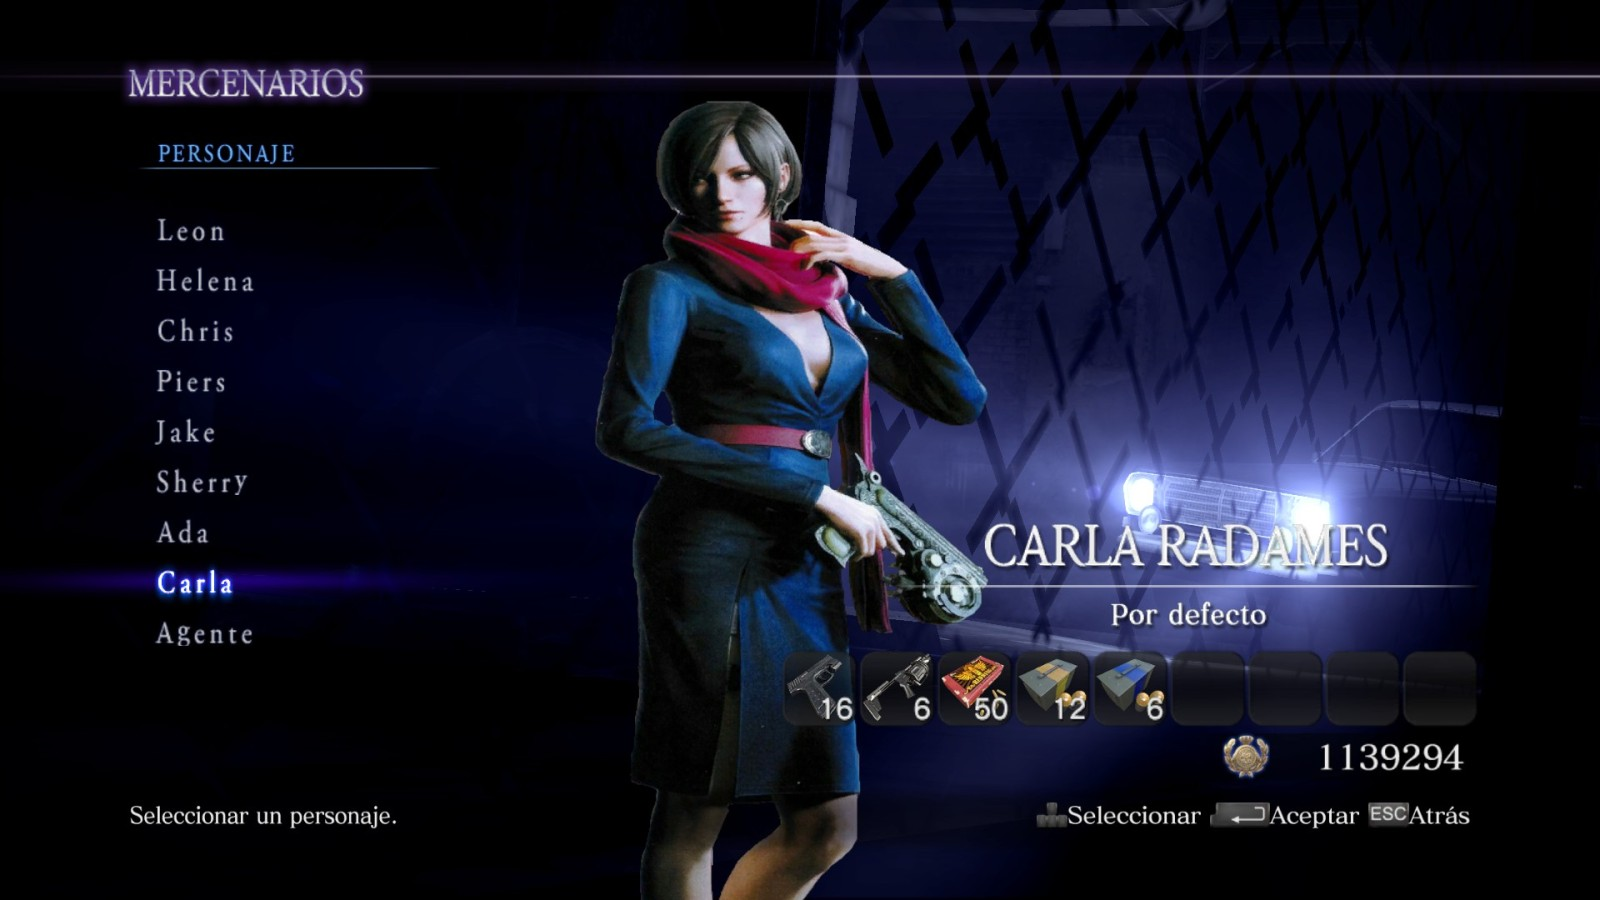 Nuevas imágenes para los personajes (mercenarios) 2cftdon